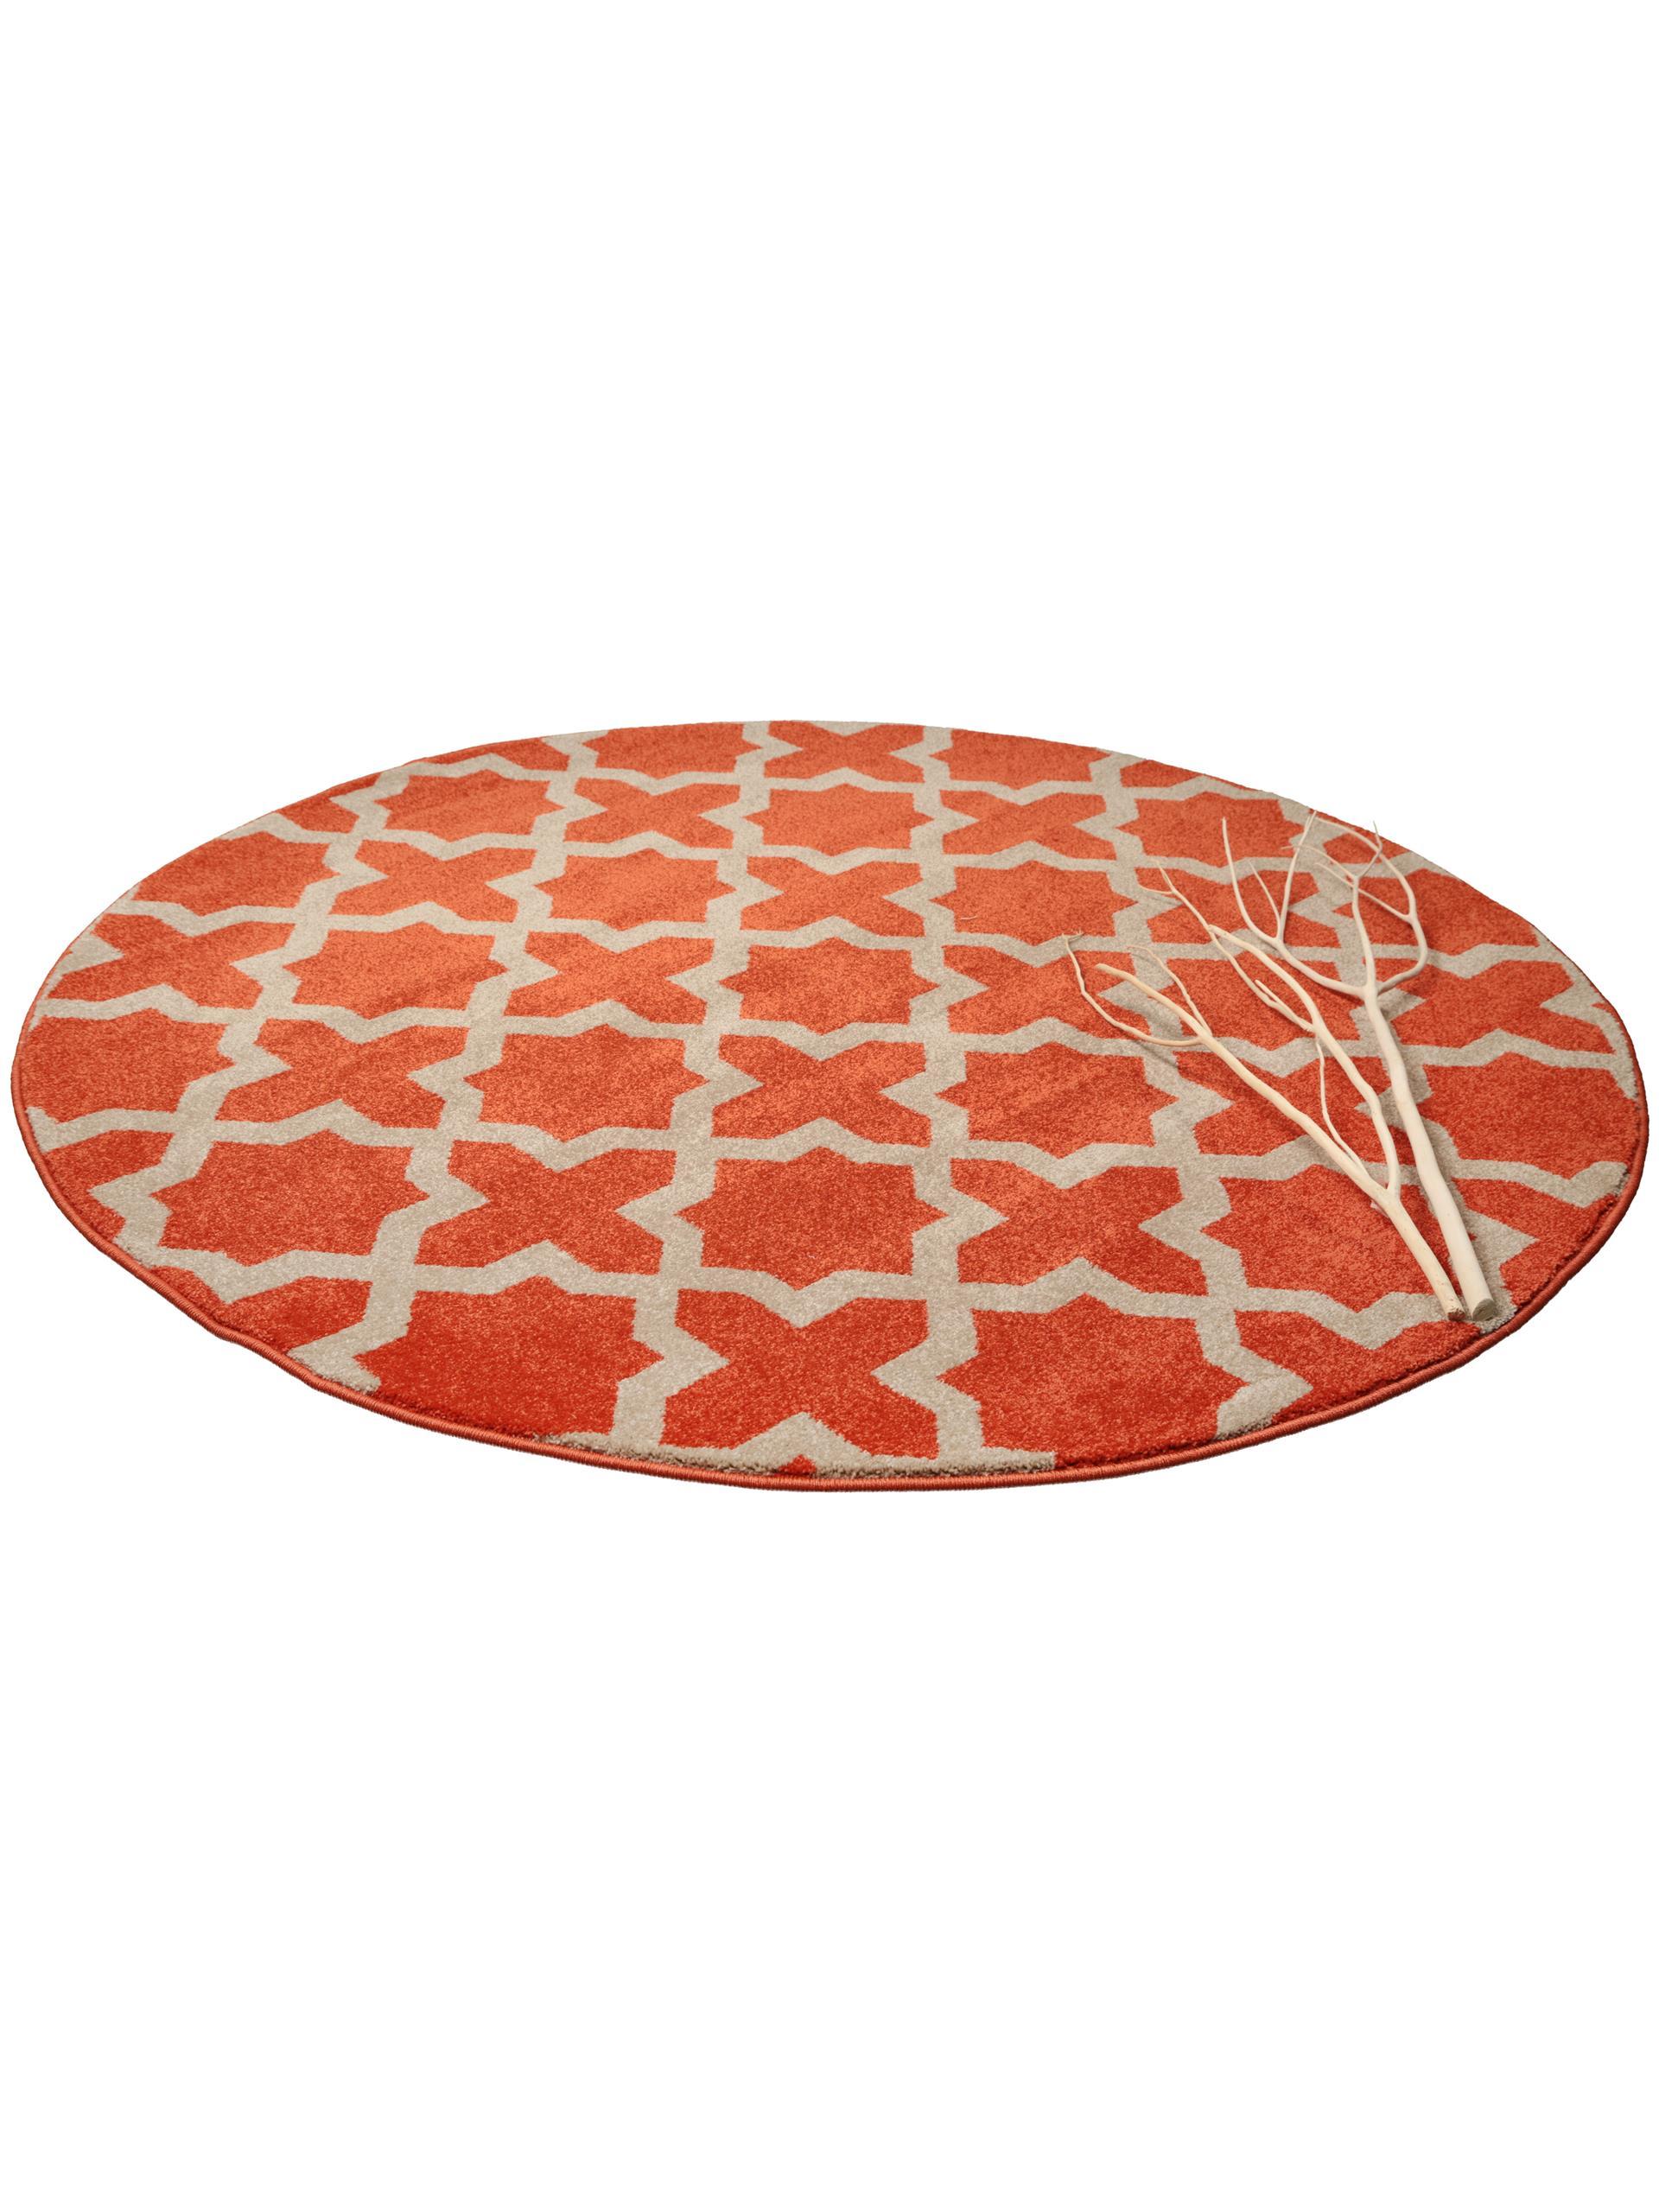 benuta Teppich rund Arabesque Orange 60002845 Geometrisch